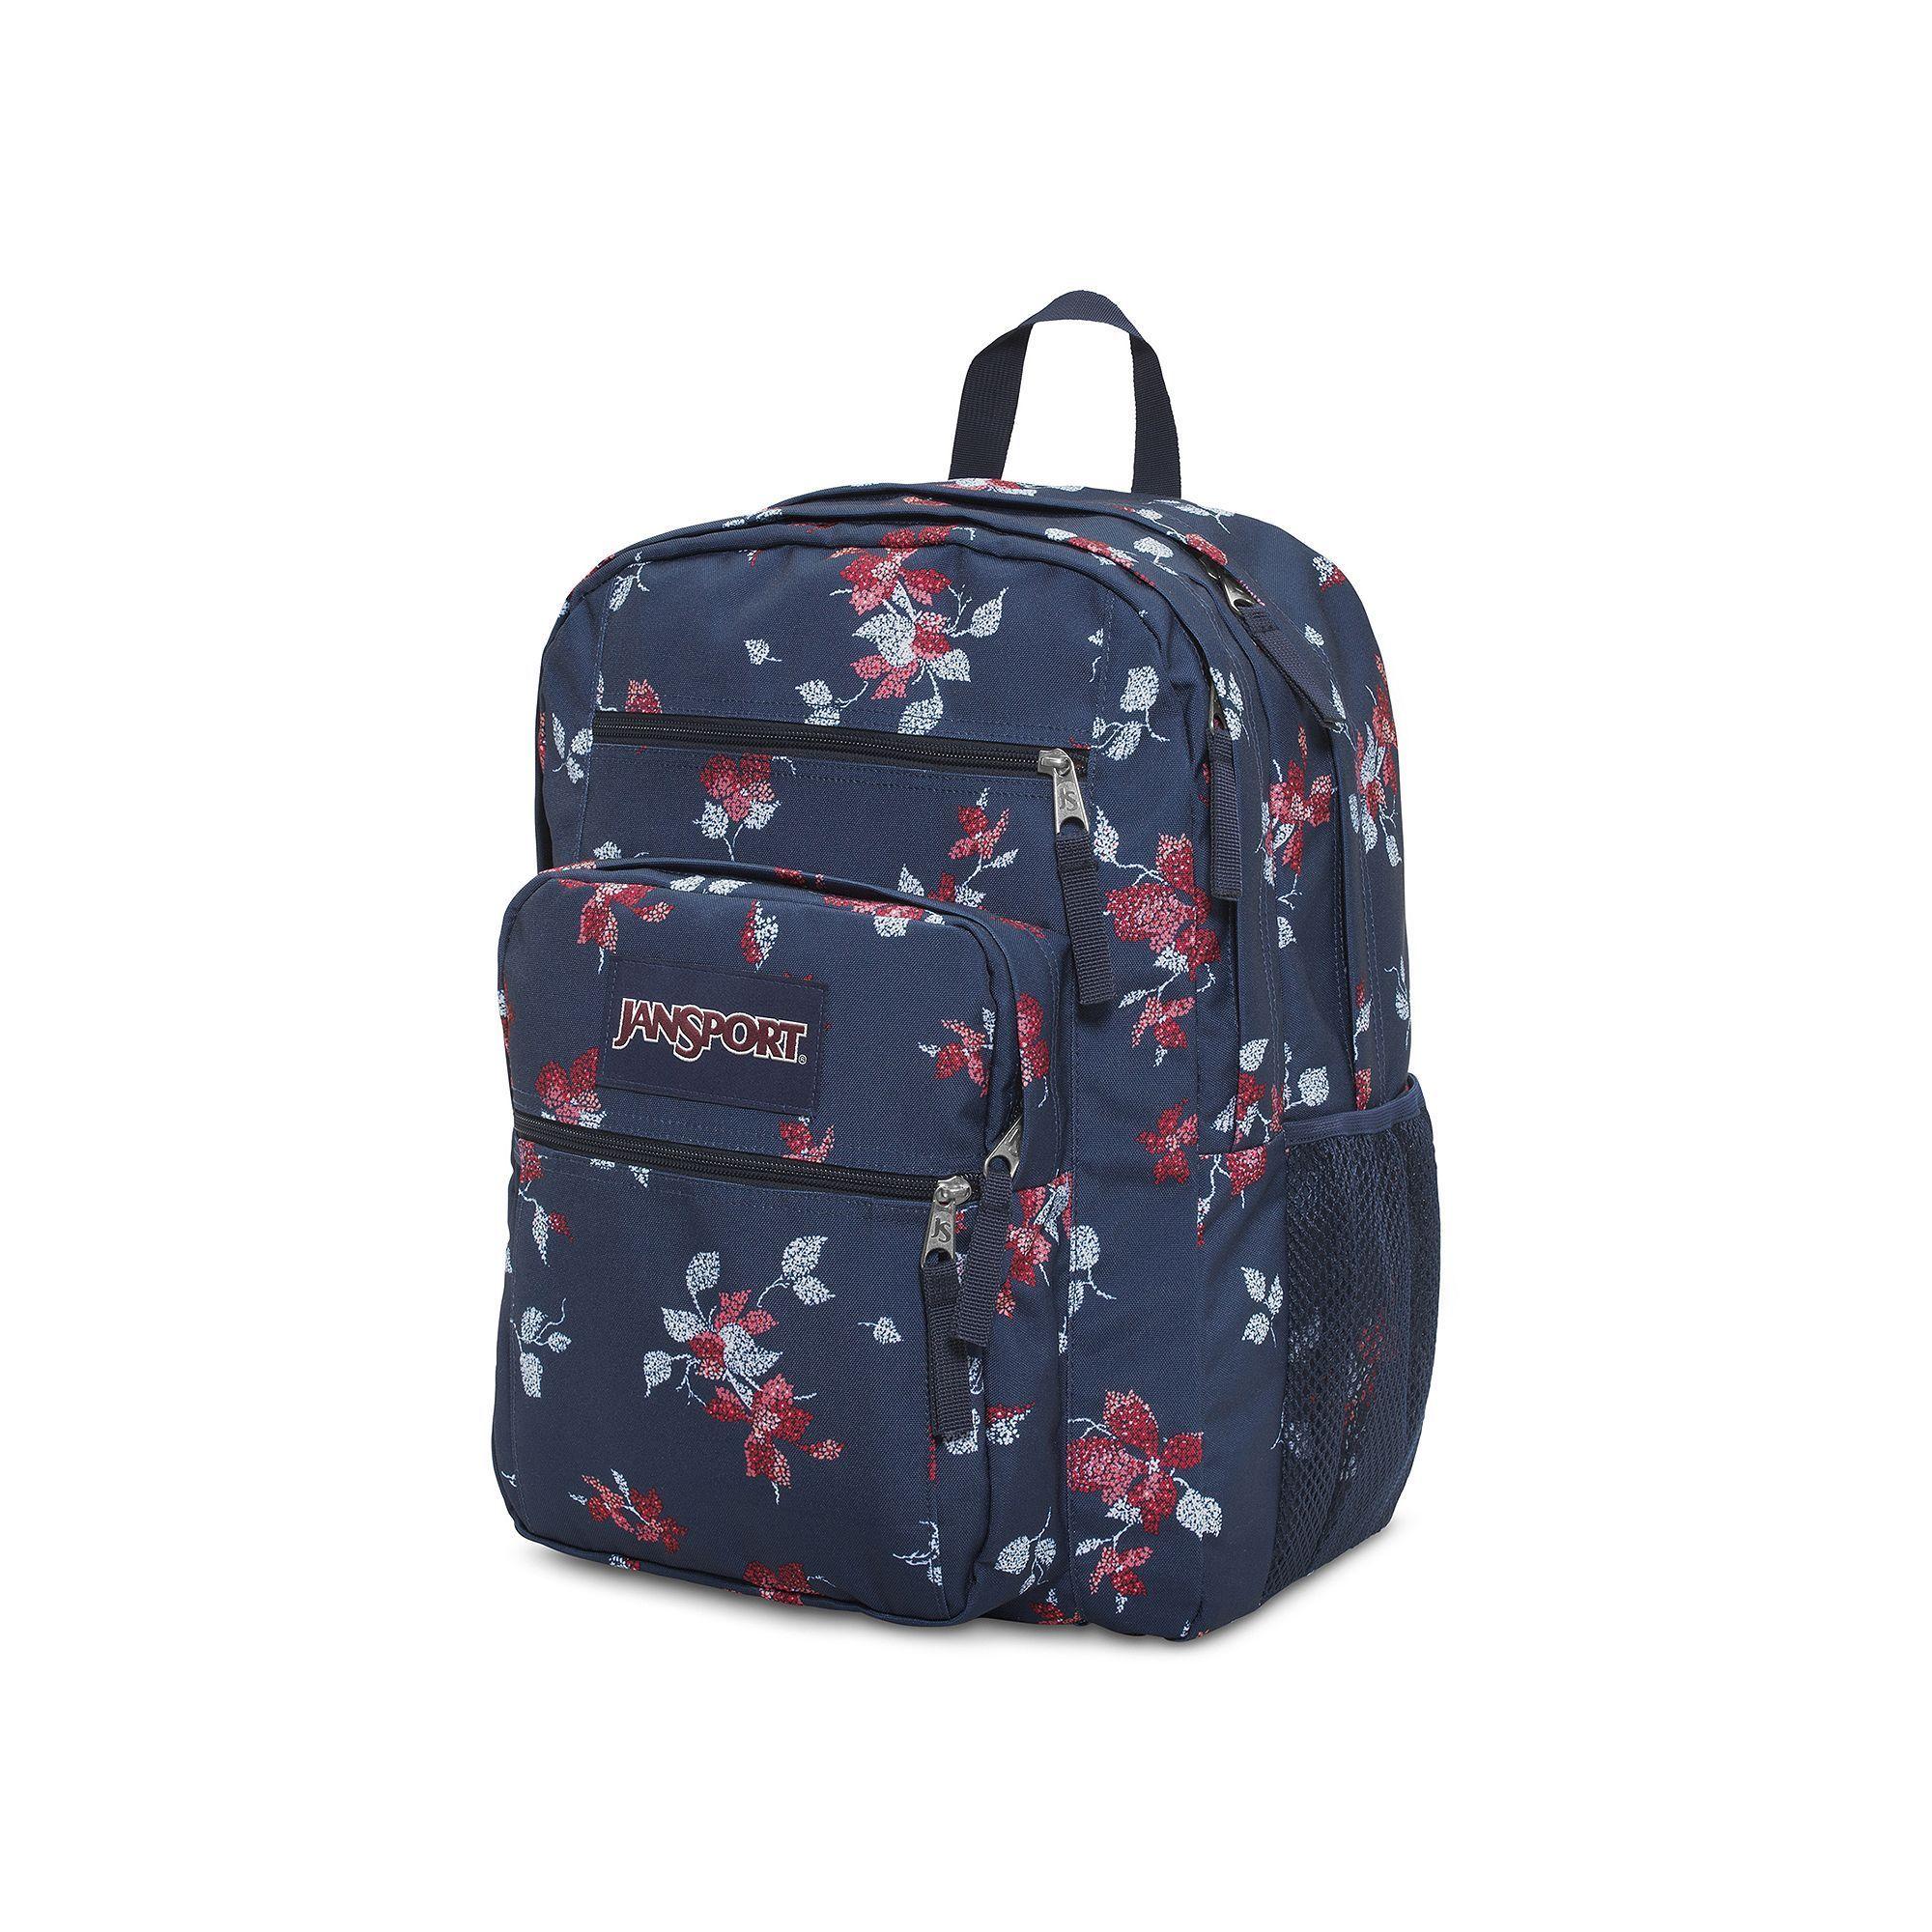 JanSport Big Student Backpack | Products | Backpacks, Big